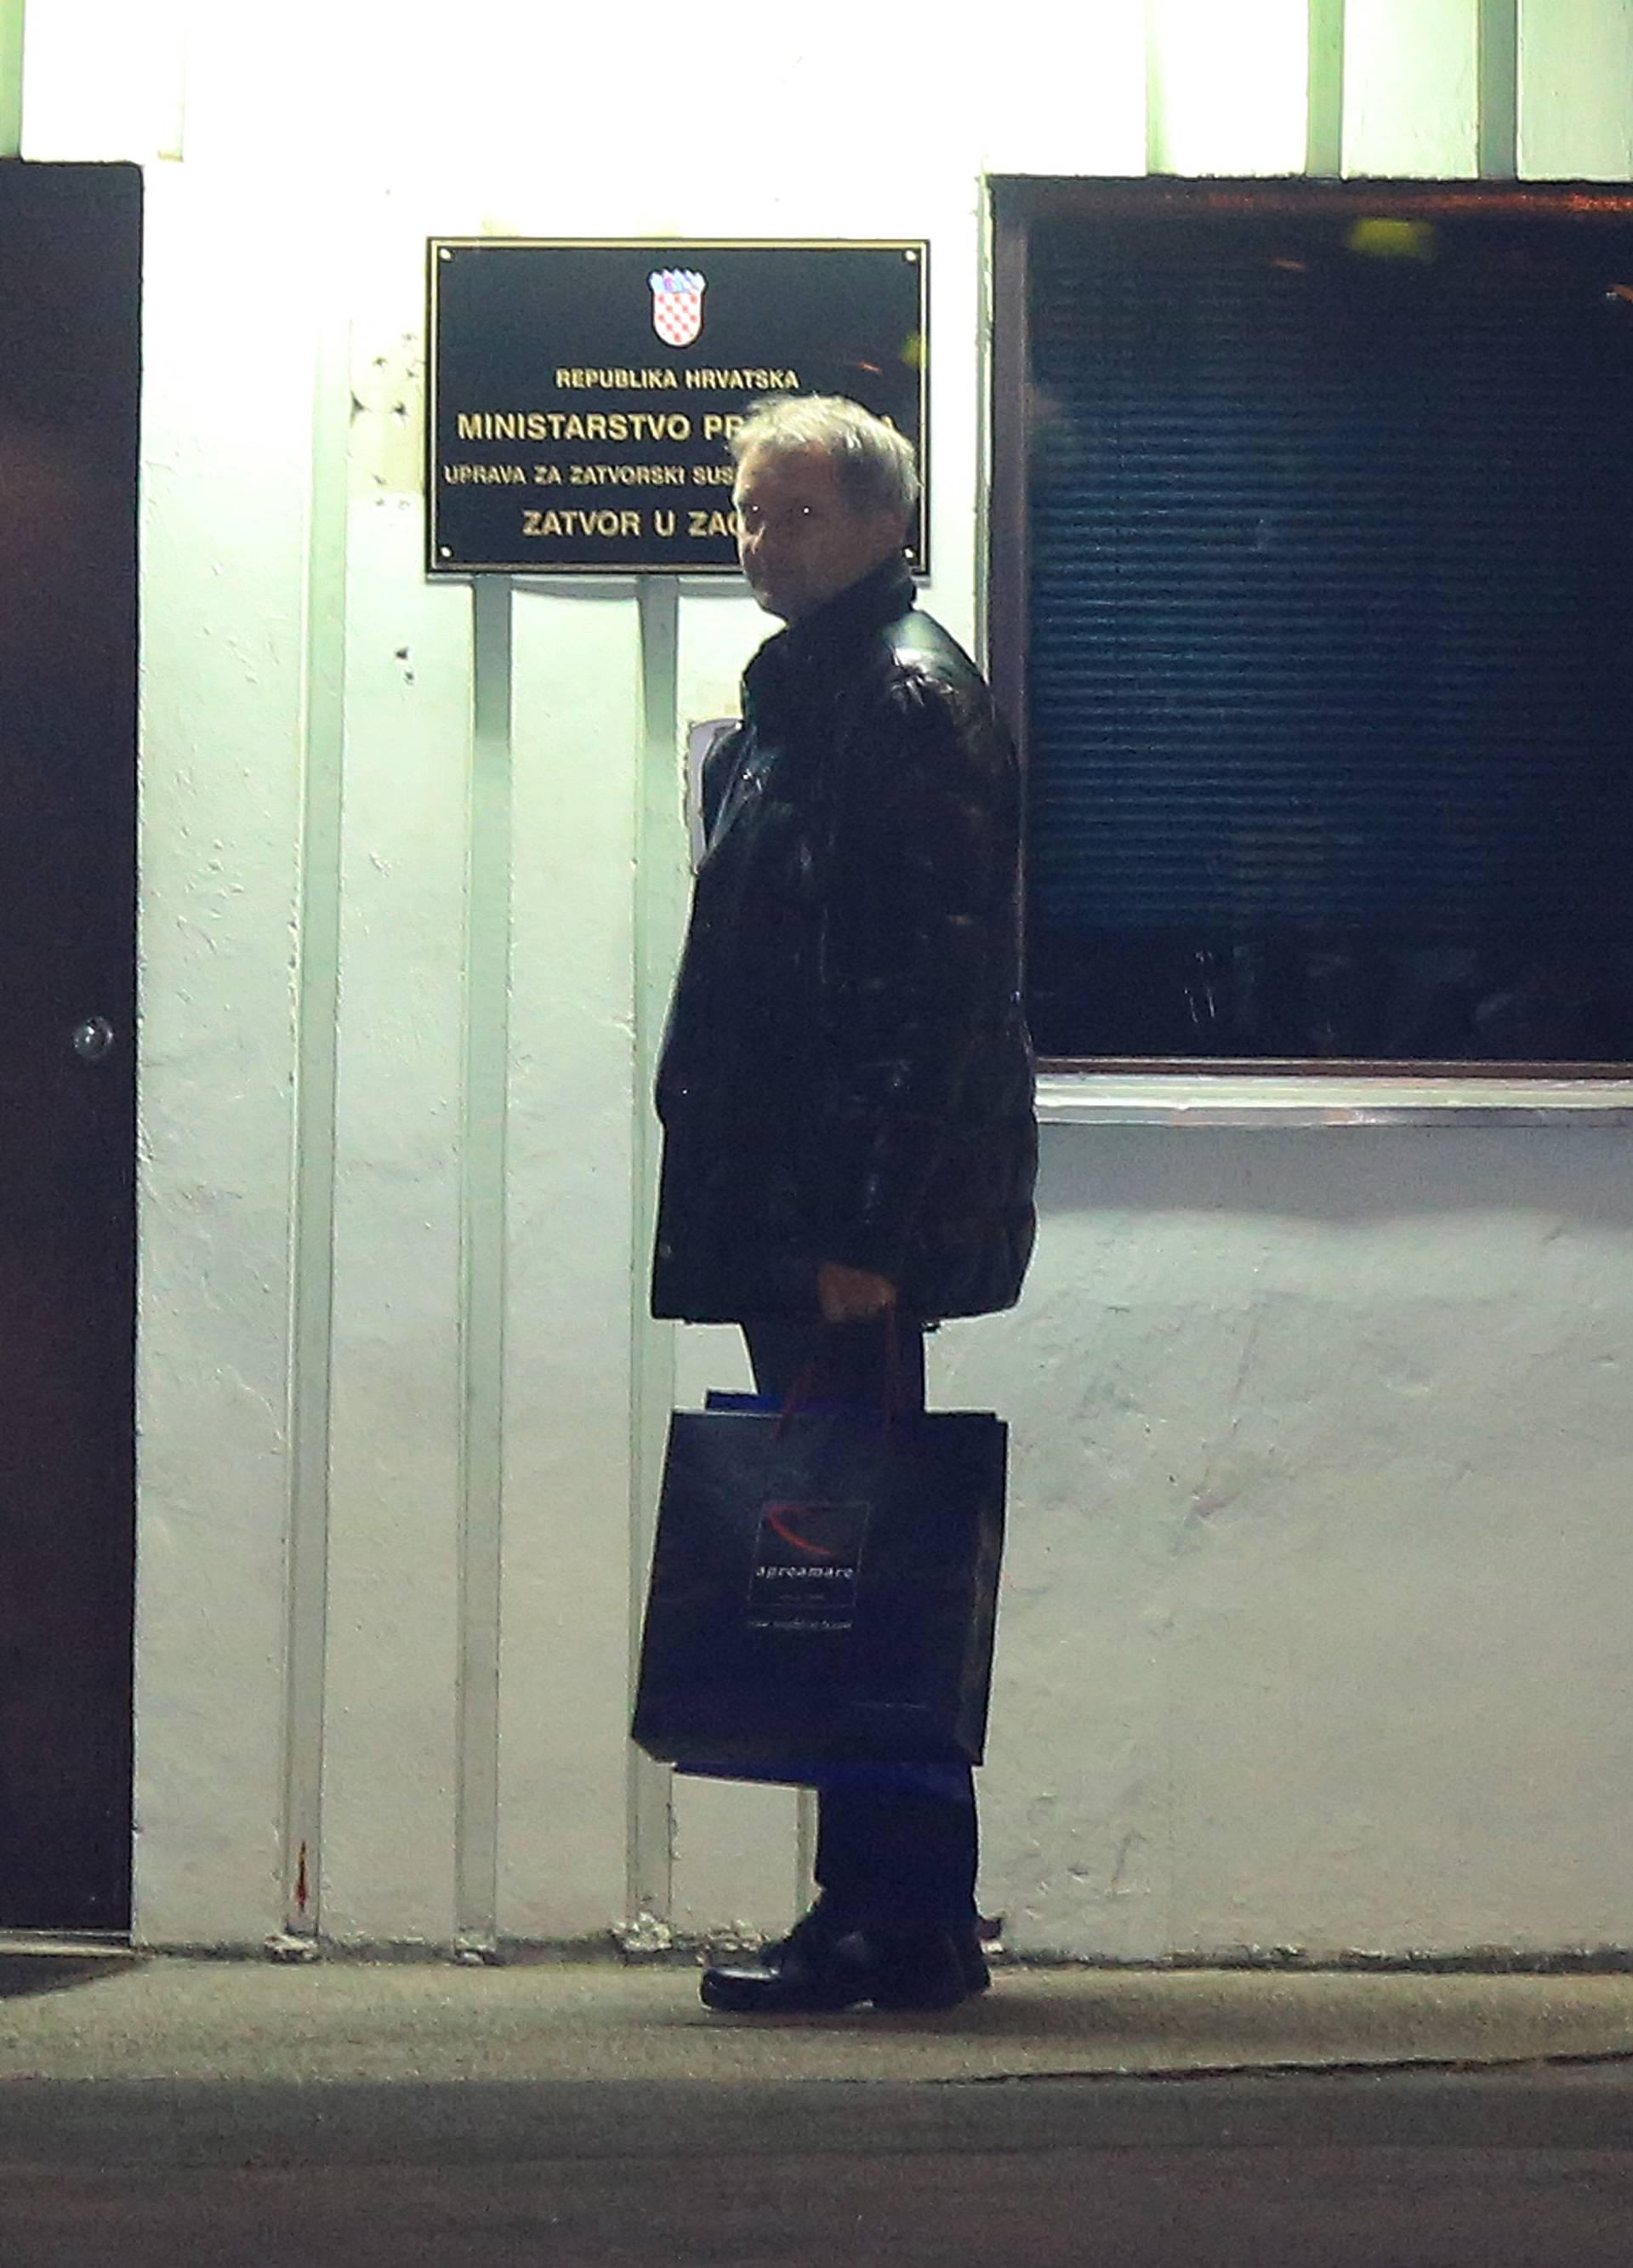 Dolački se predao nakon dva dana: Taksijem došao u zatvor